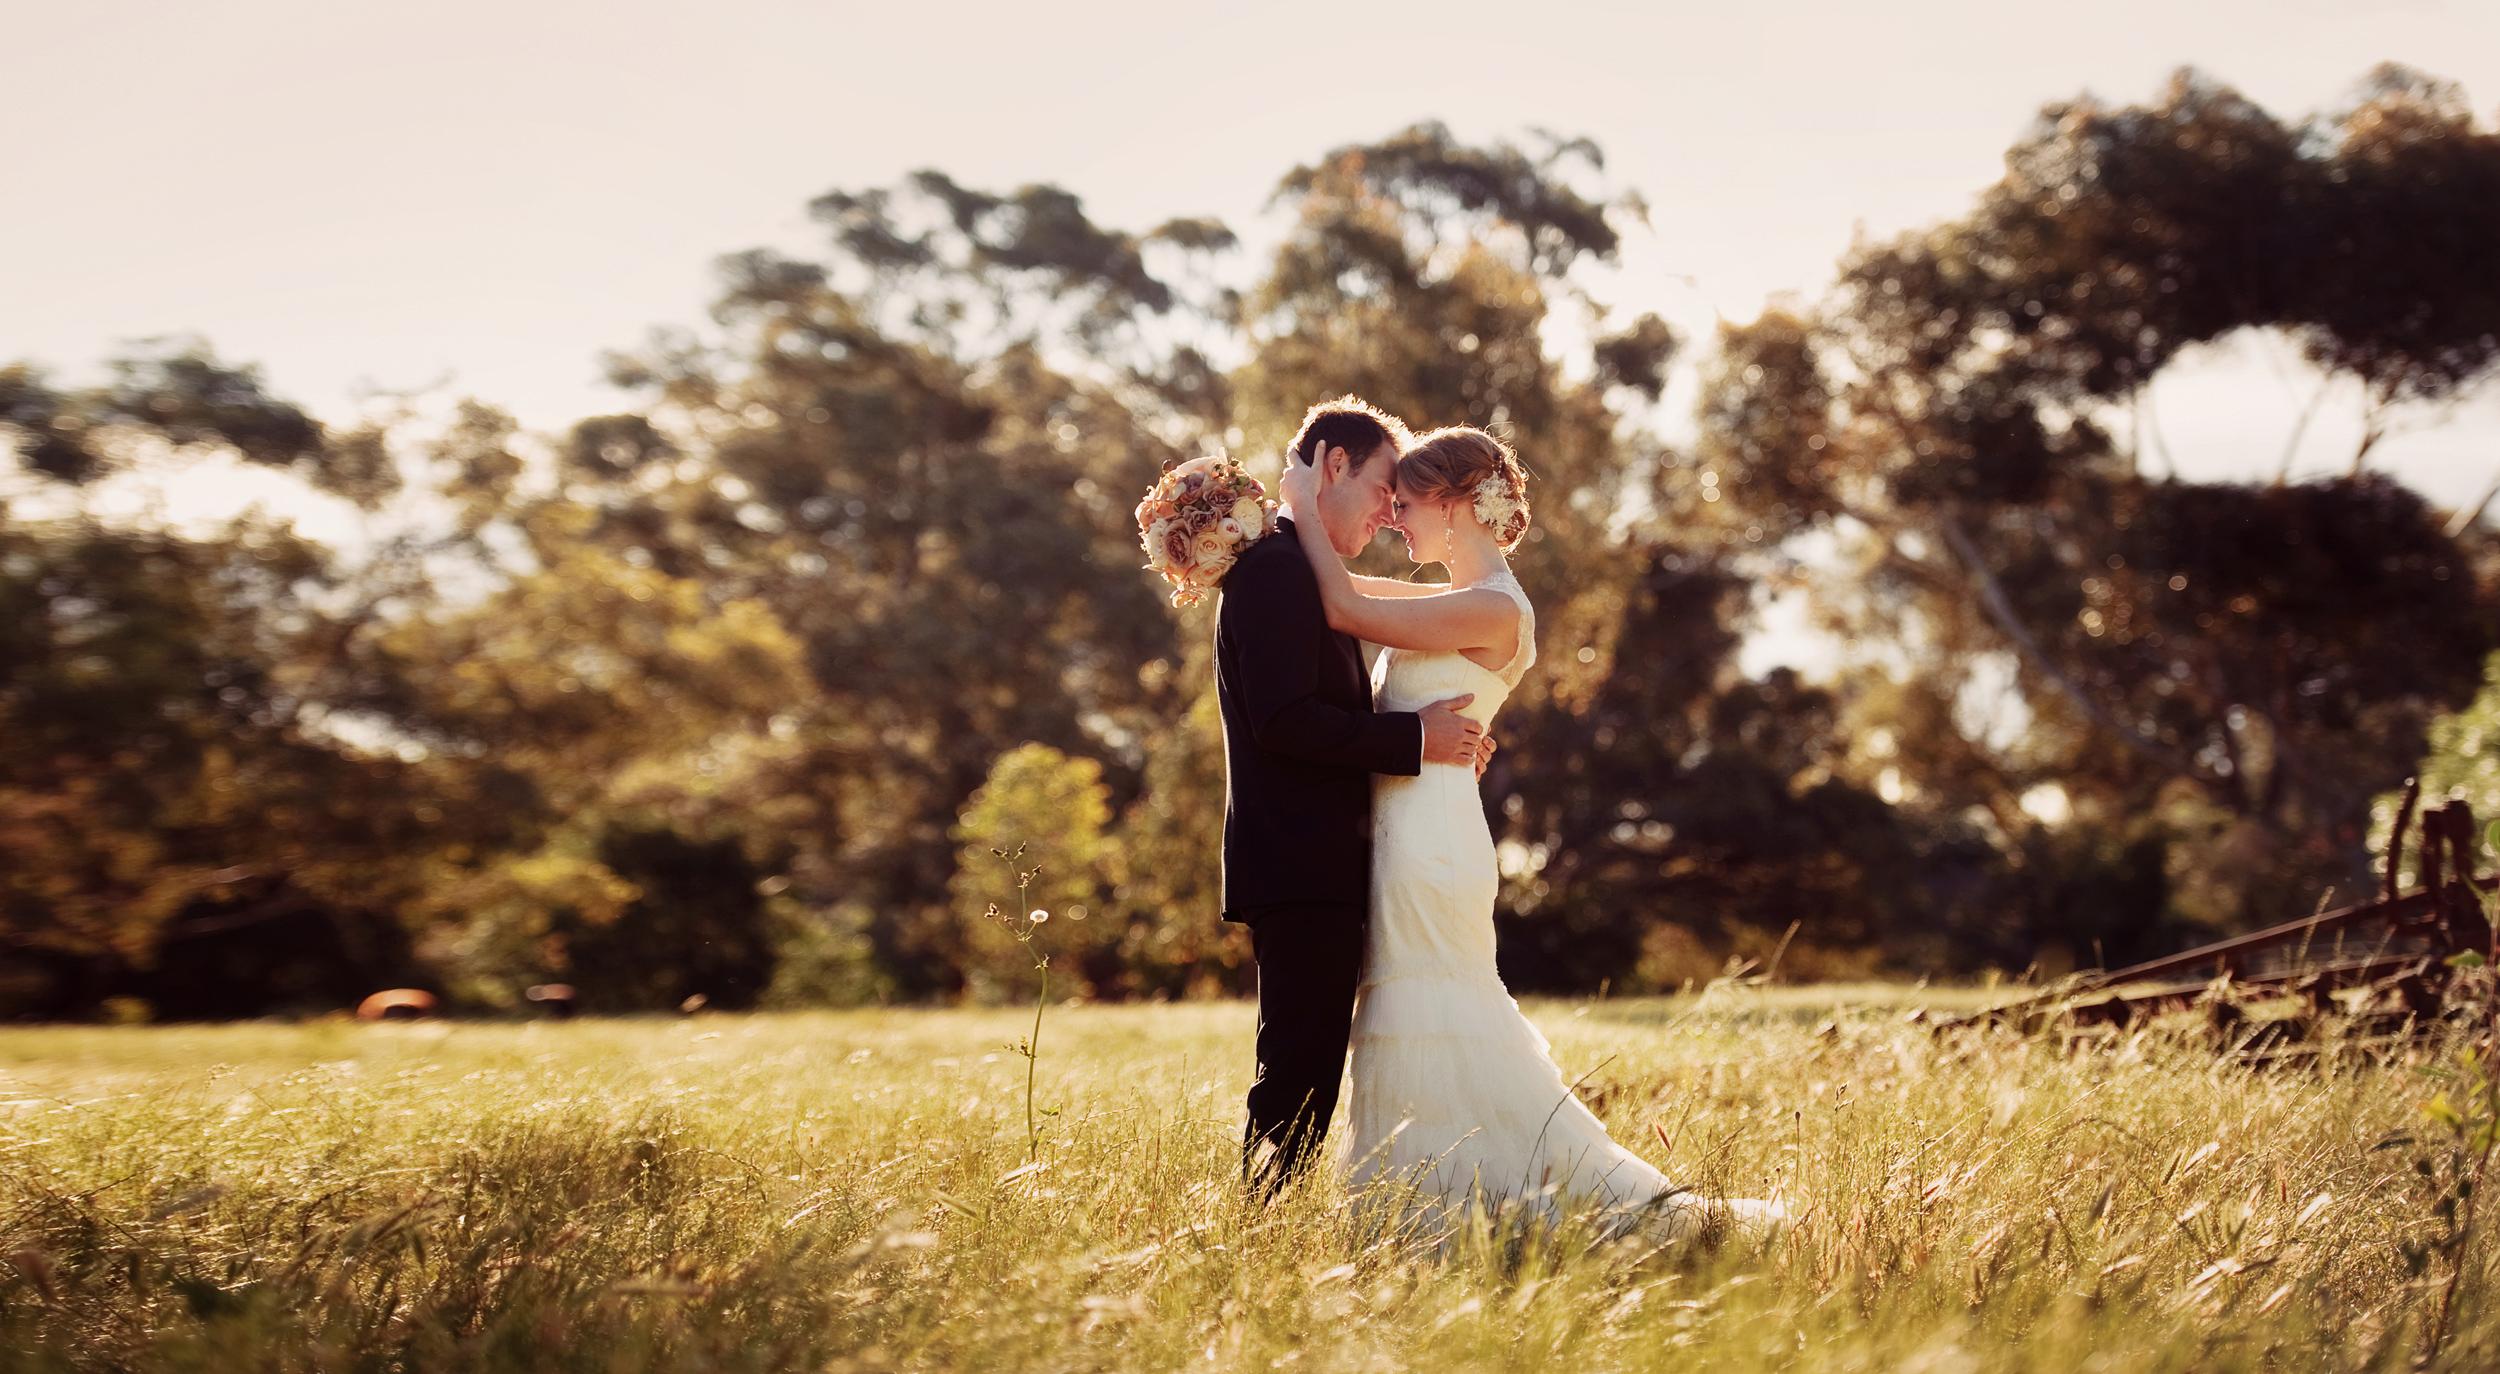 euroa_butter_factory_wedding_photography_76.jpg